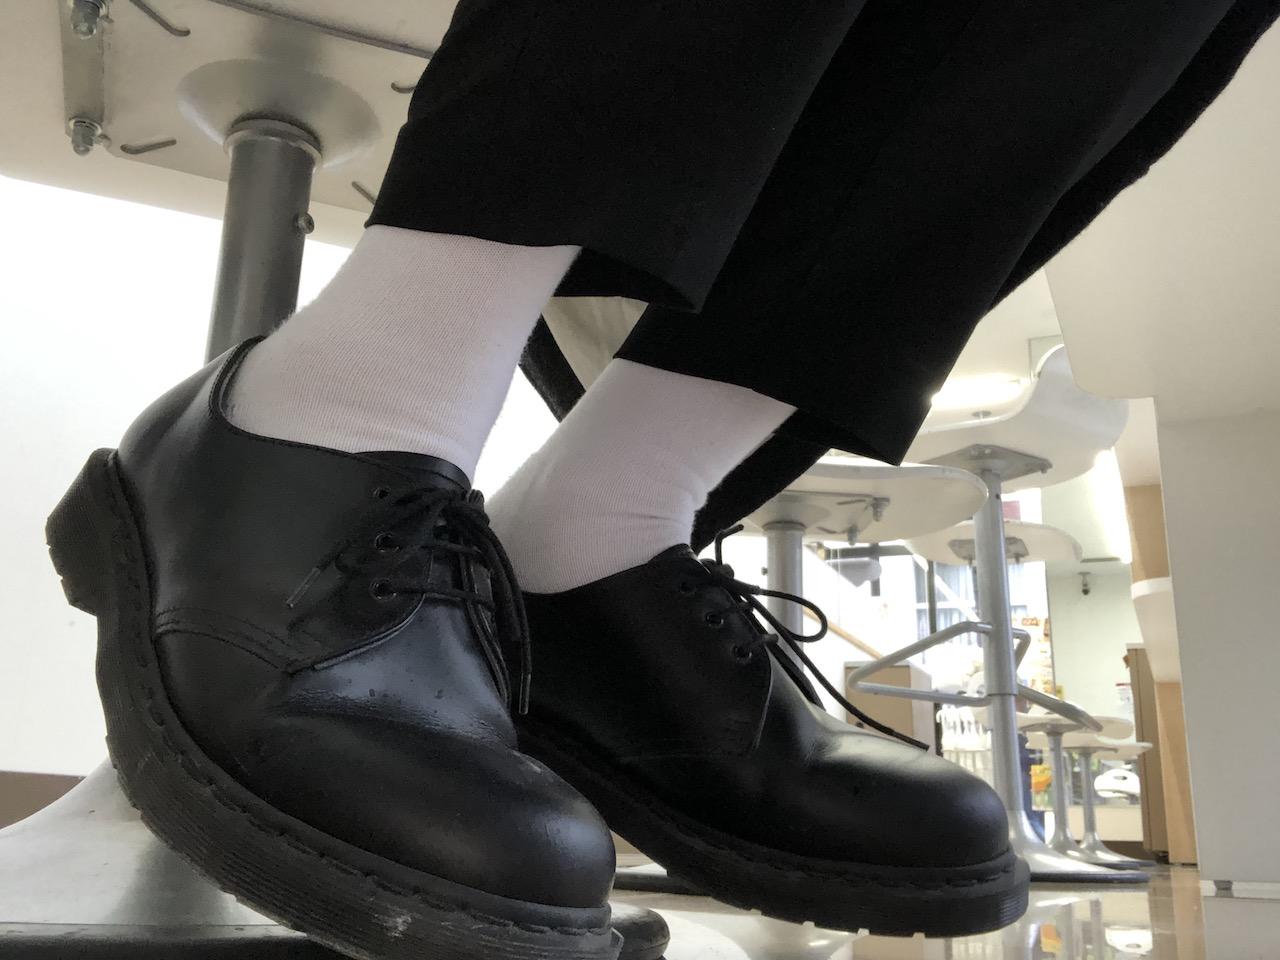 WEARユーザーにも人気の革靴「ドクターマーチン」を使った白ソックスファッション